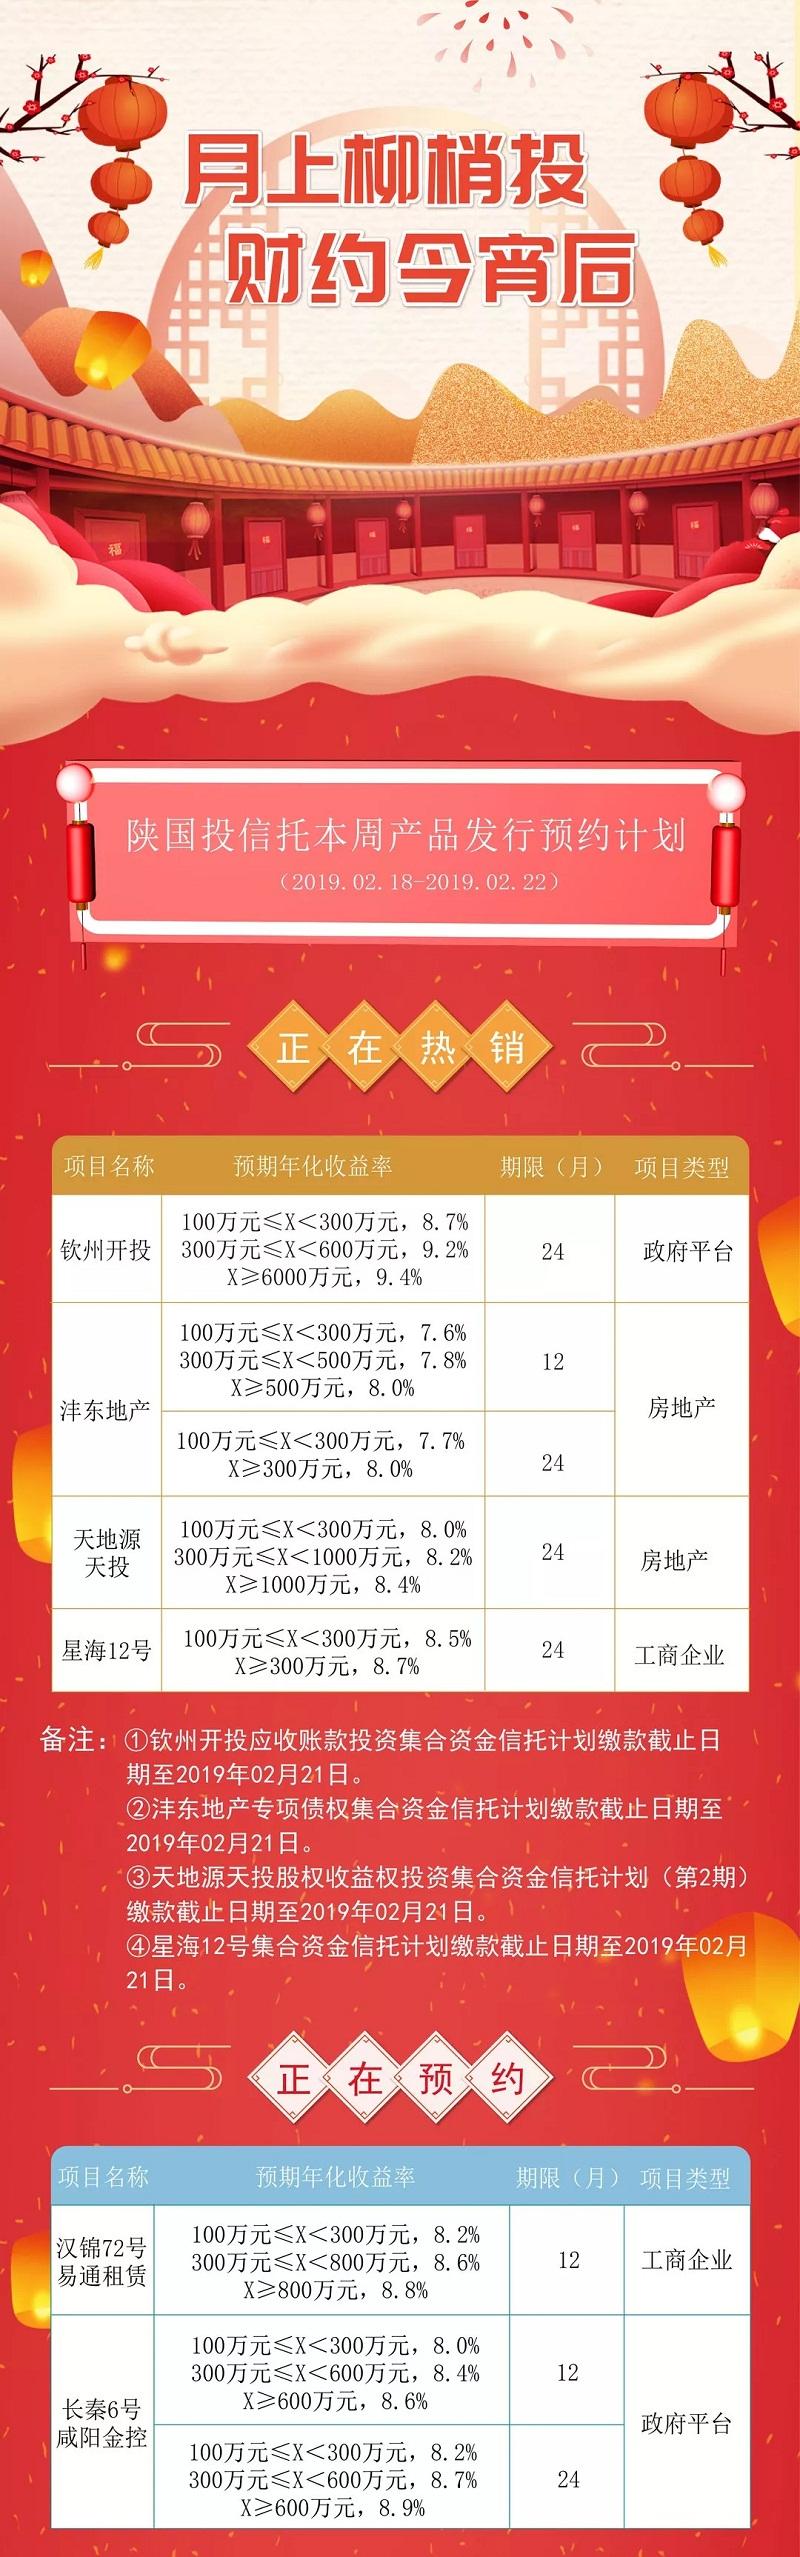 陕国投信托本周信托产品发行预约计划(2月18日-2月22日)